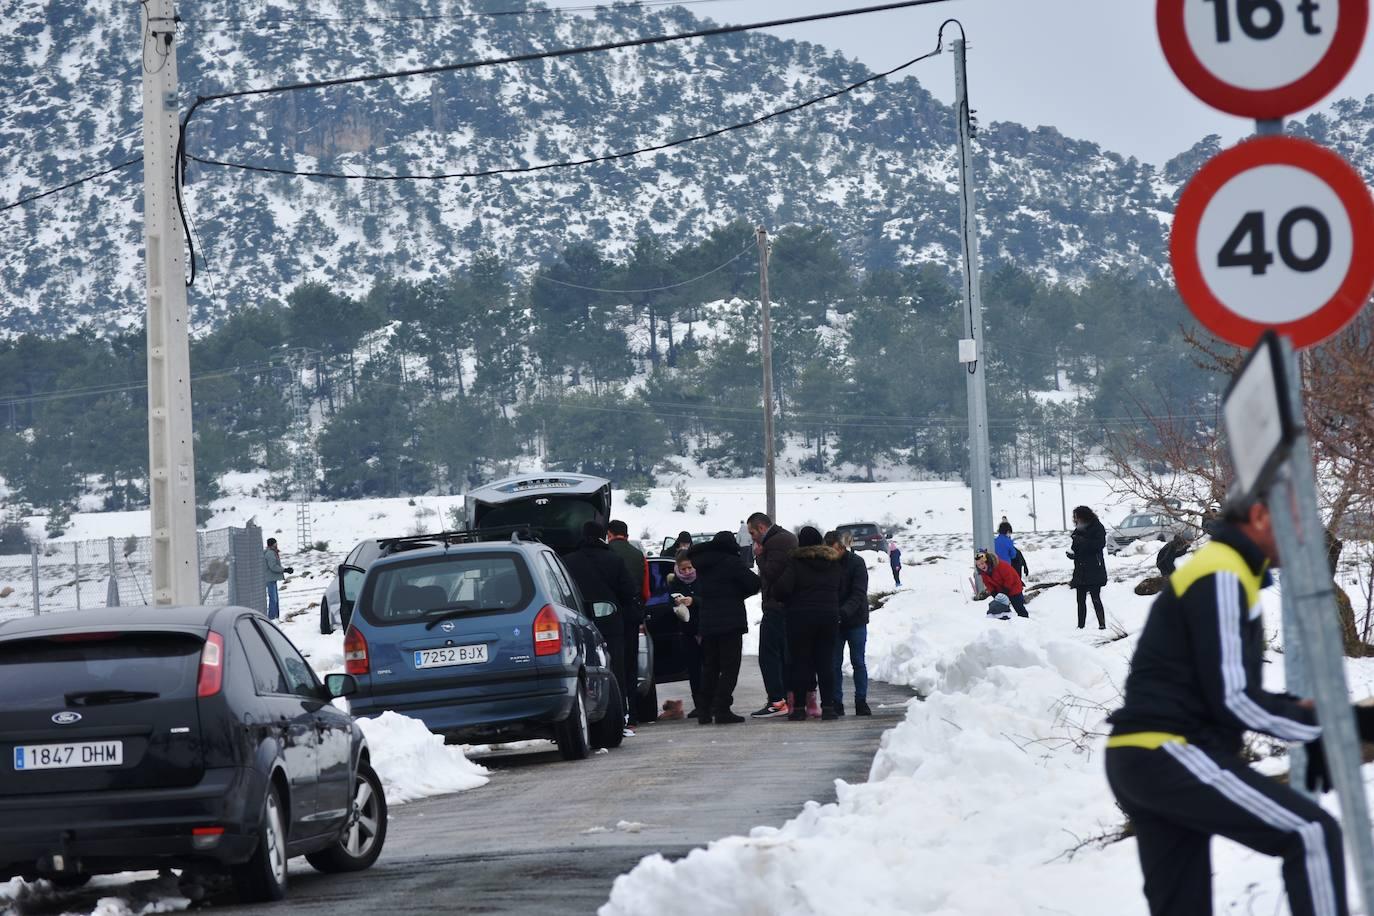 Campo de San Juan: 'Finde' de nieve en la Región de Murcia | La Verdad